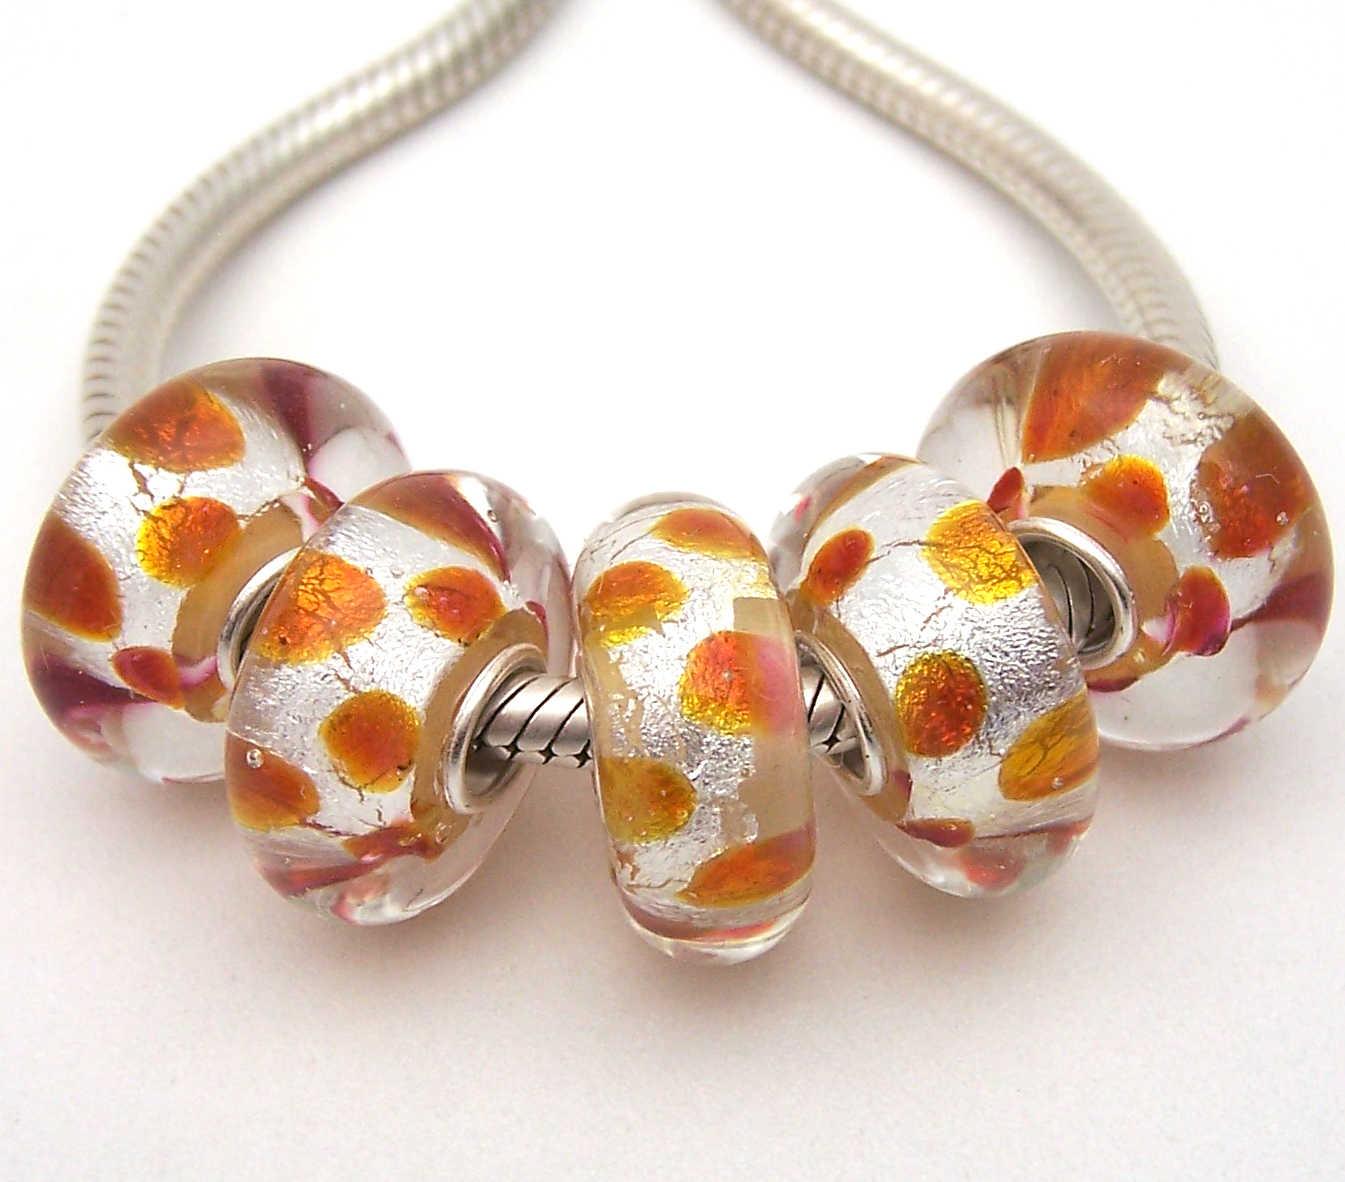 JGWGT 1990 5X 100% Autenticità S925 Sterling Silver Perle di Murano perle di Vetro Europeo Adatto Pendenti E Ciondoli Braccialetto di diy dei monili di Lampwork